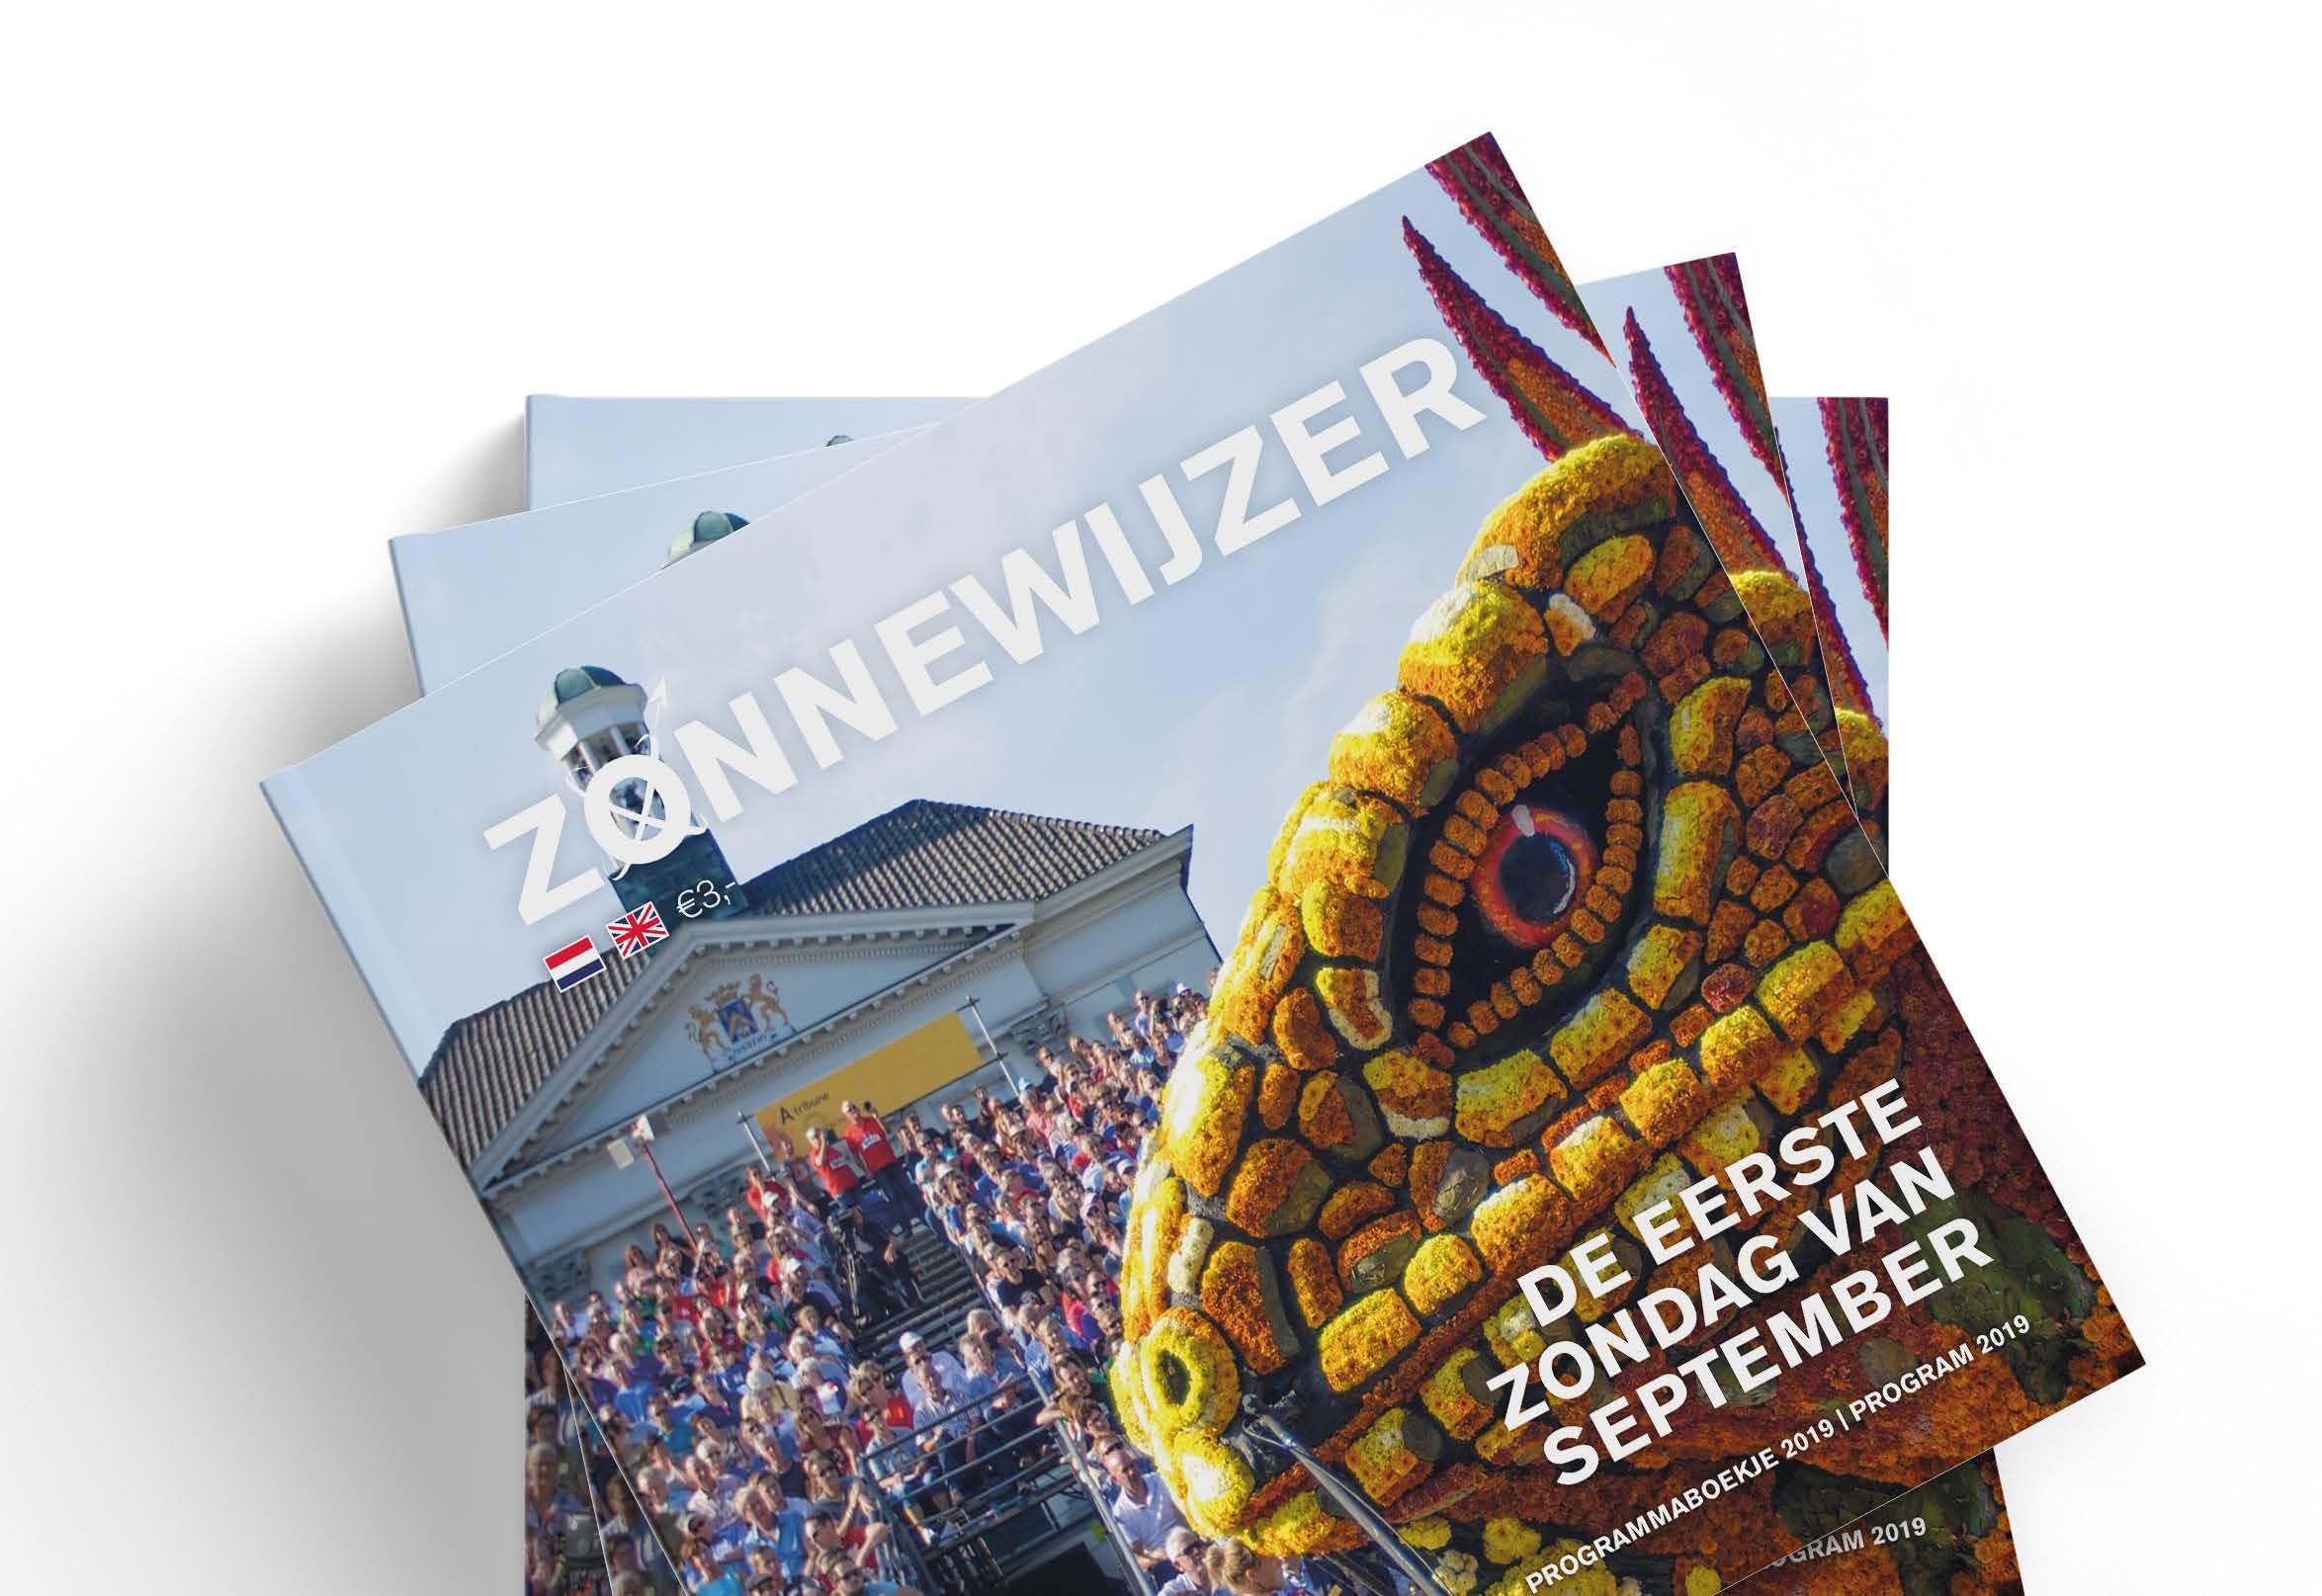 Verkoop programmaboekje Zonnewijzer door scholieren